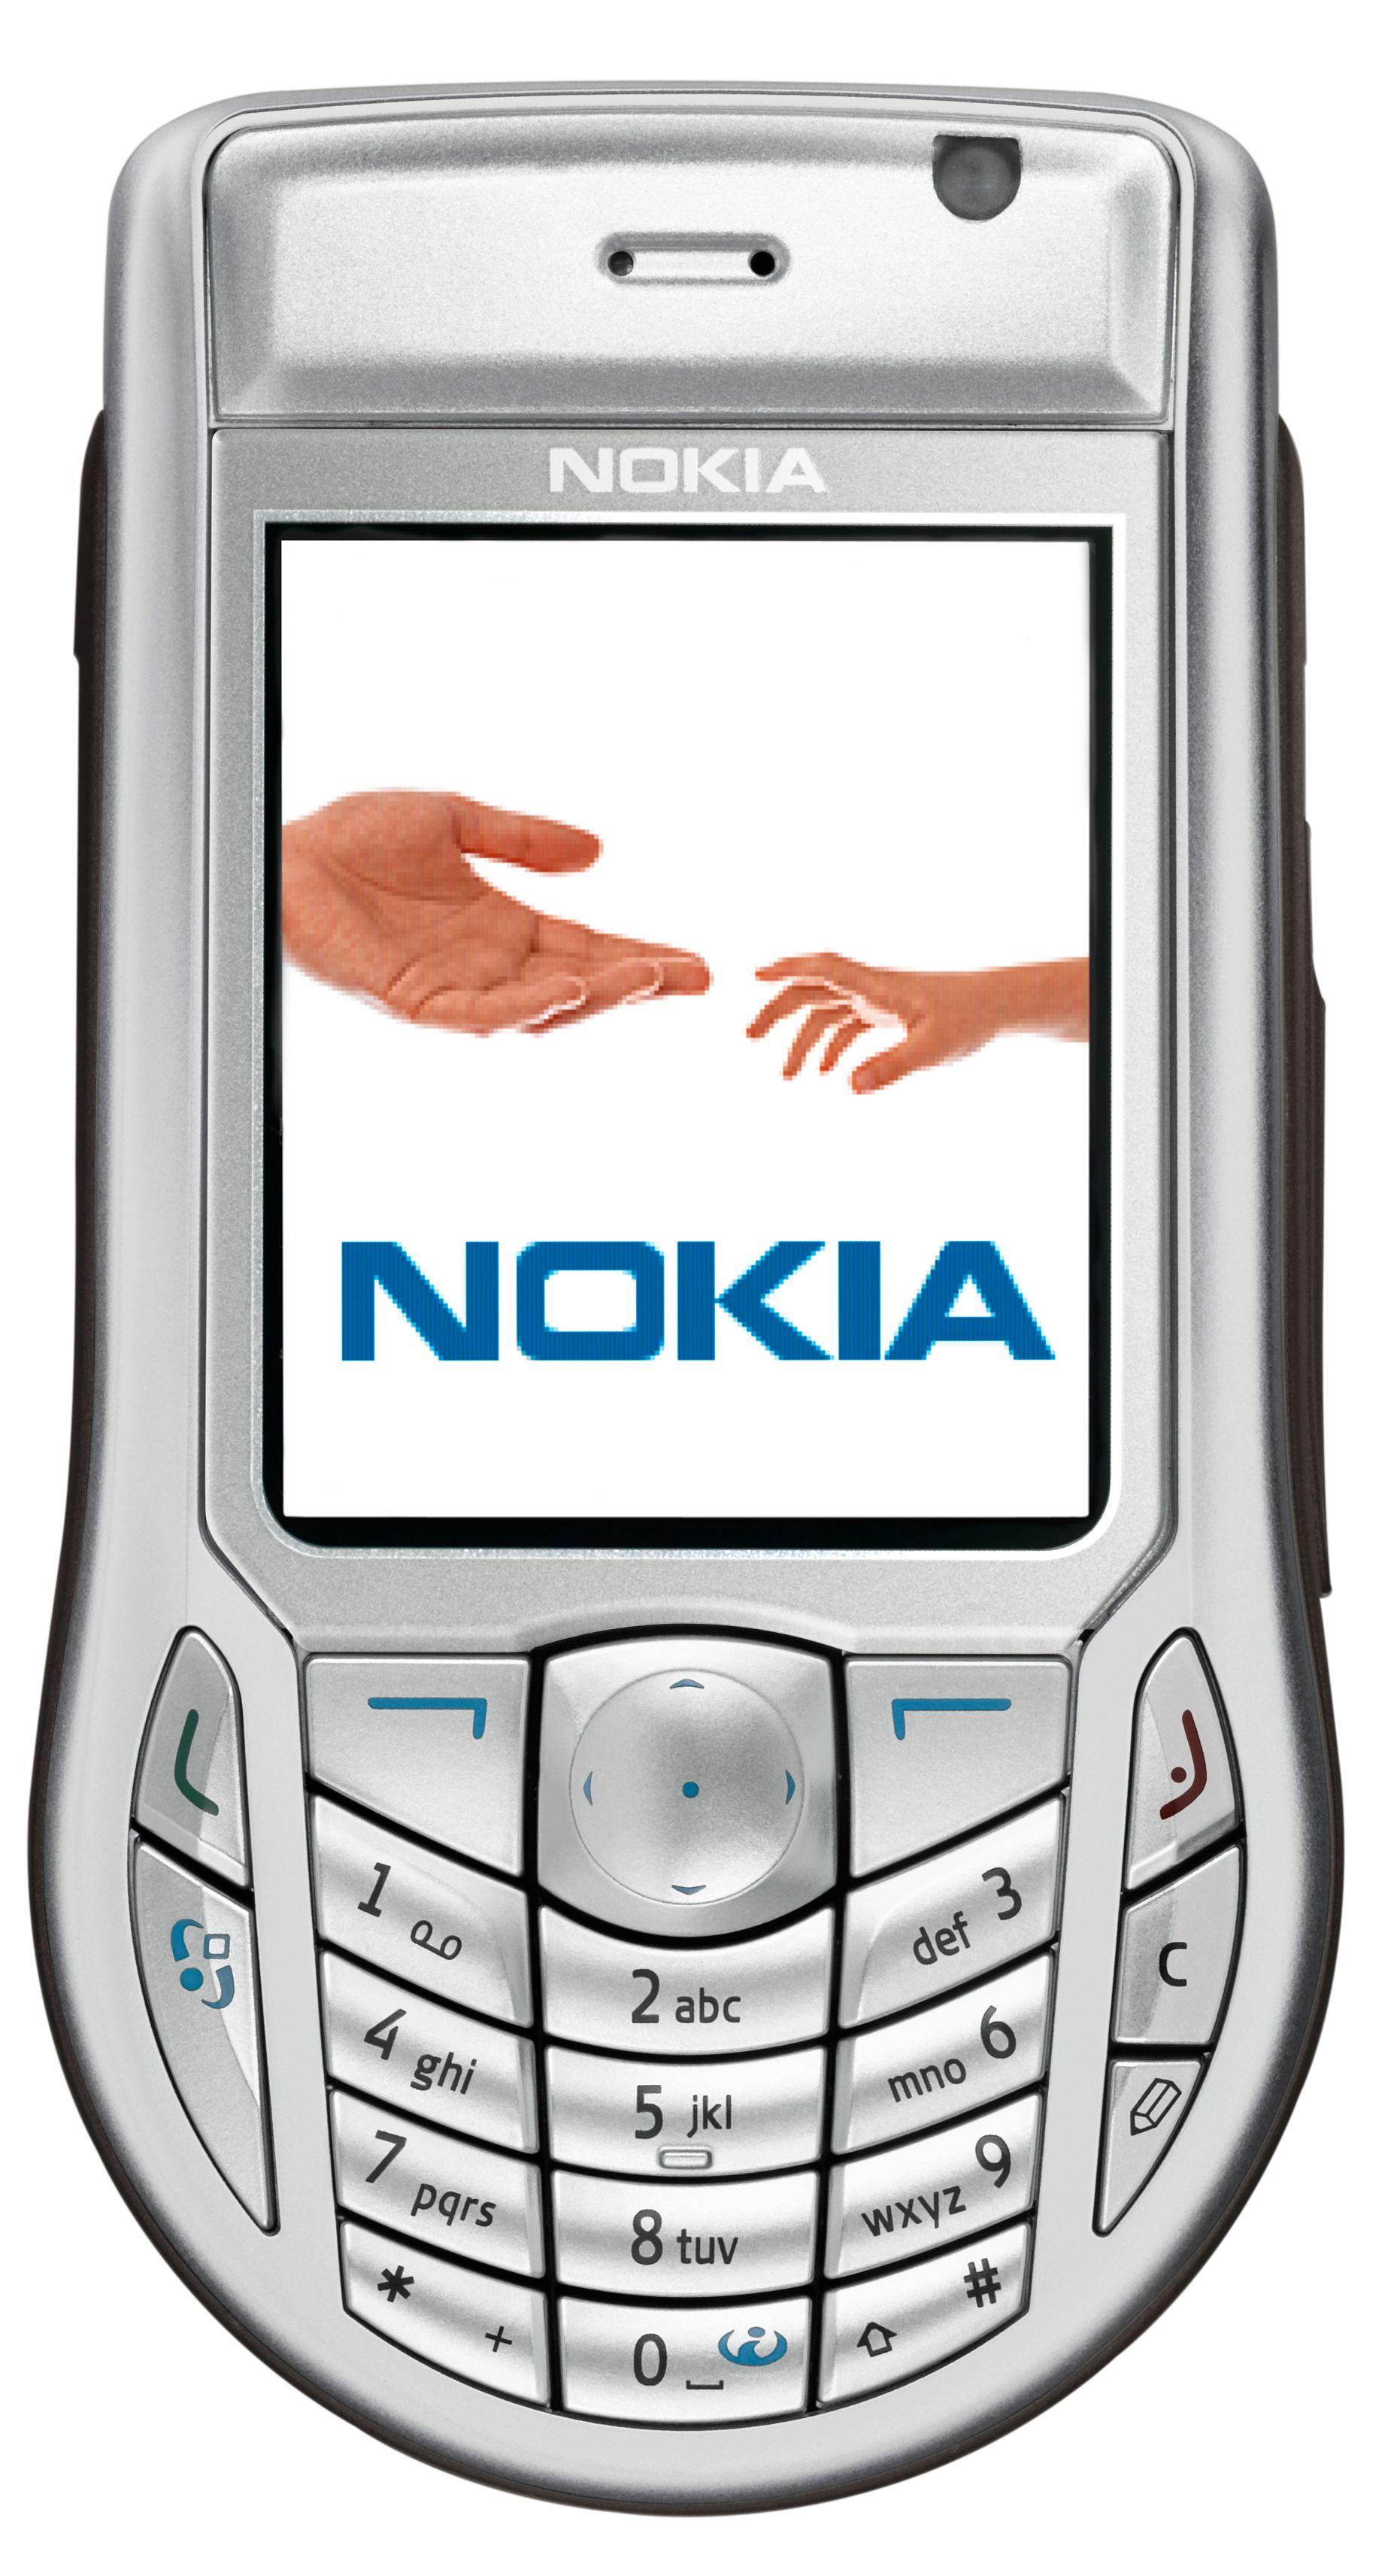 Fra 6630 med Symbian S60 v2...